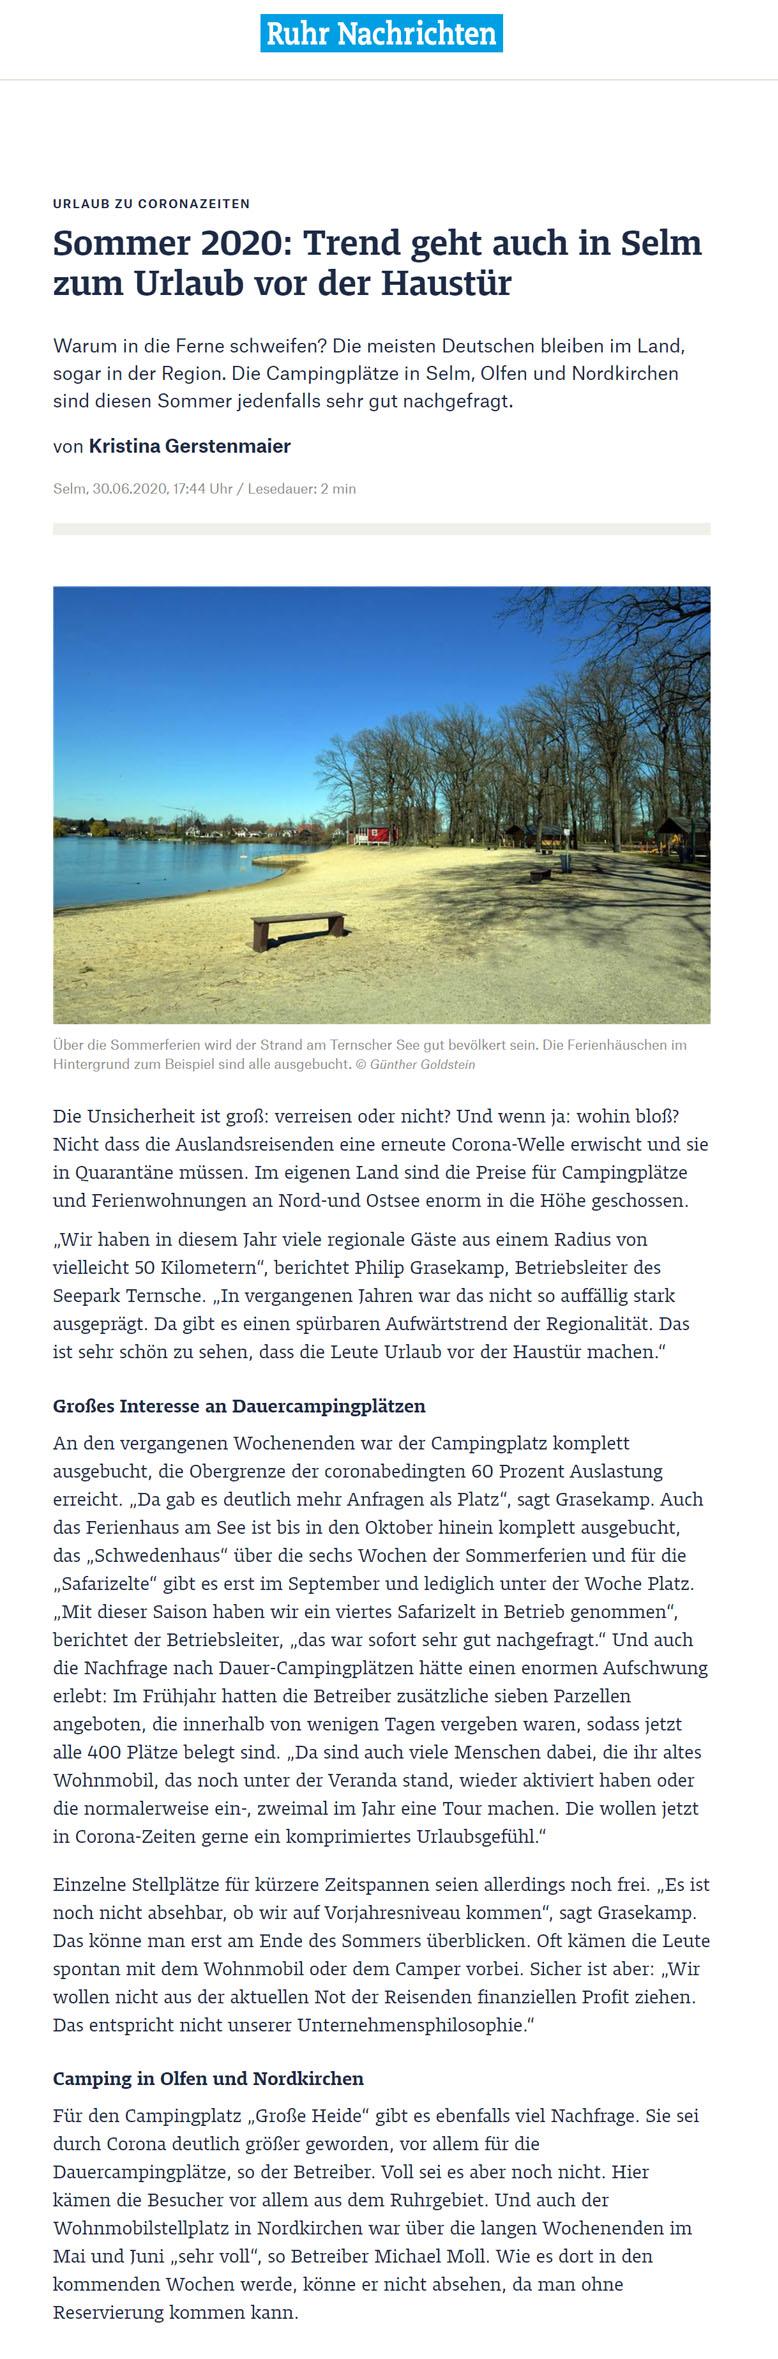 Ruhrnachrichten vom 30. Juni 2020